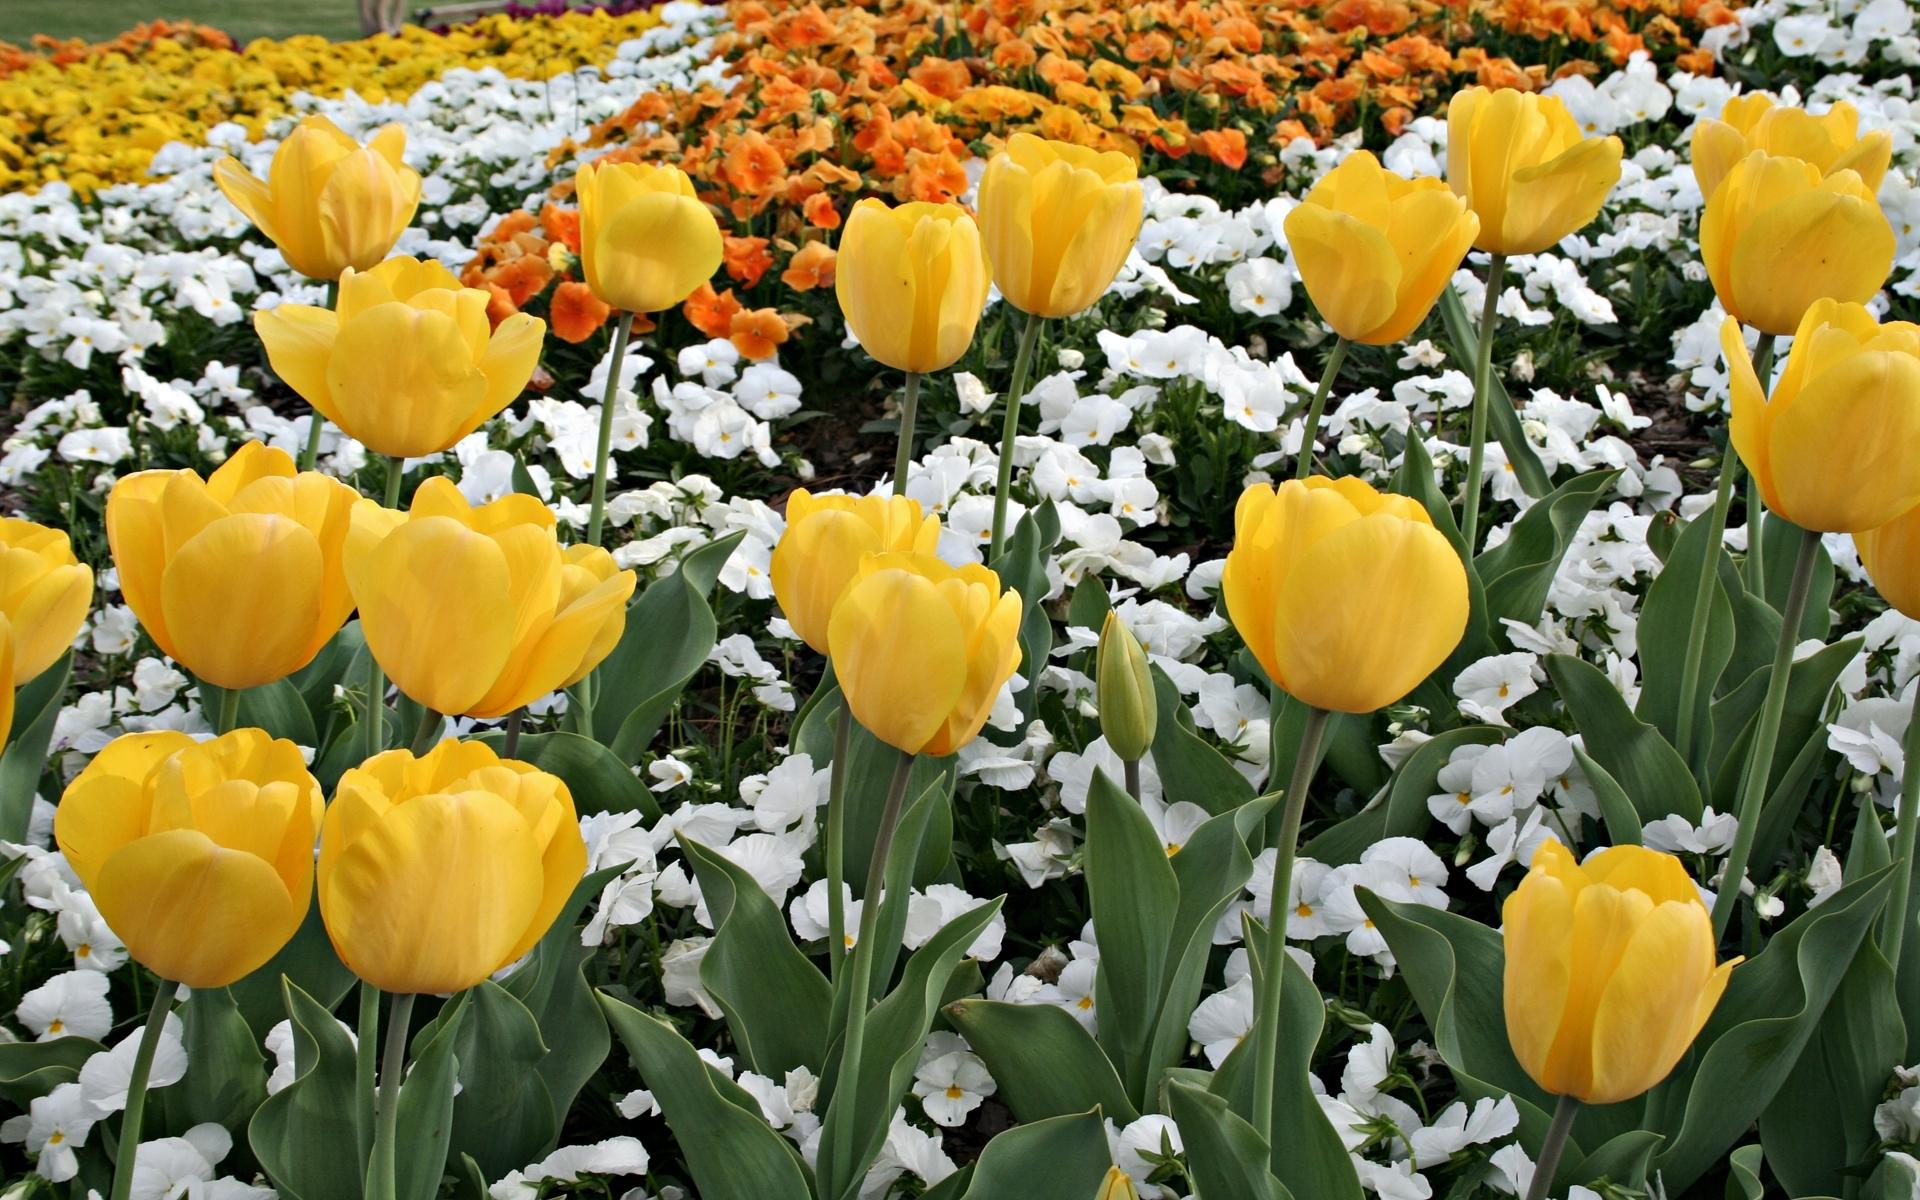 Скачать картинку Растения, Цветы, Фон, Тюльпаны в телефон бесплатно.